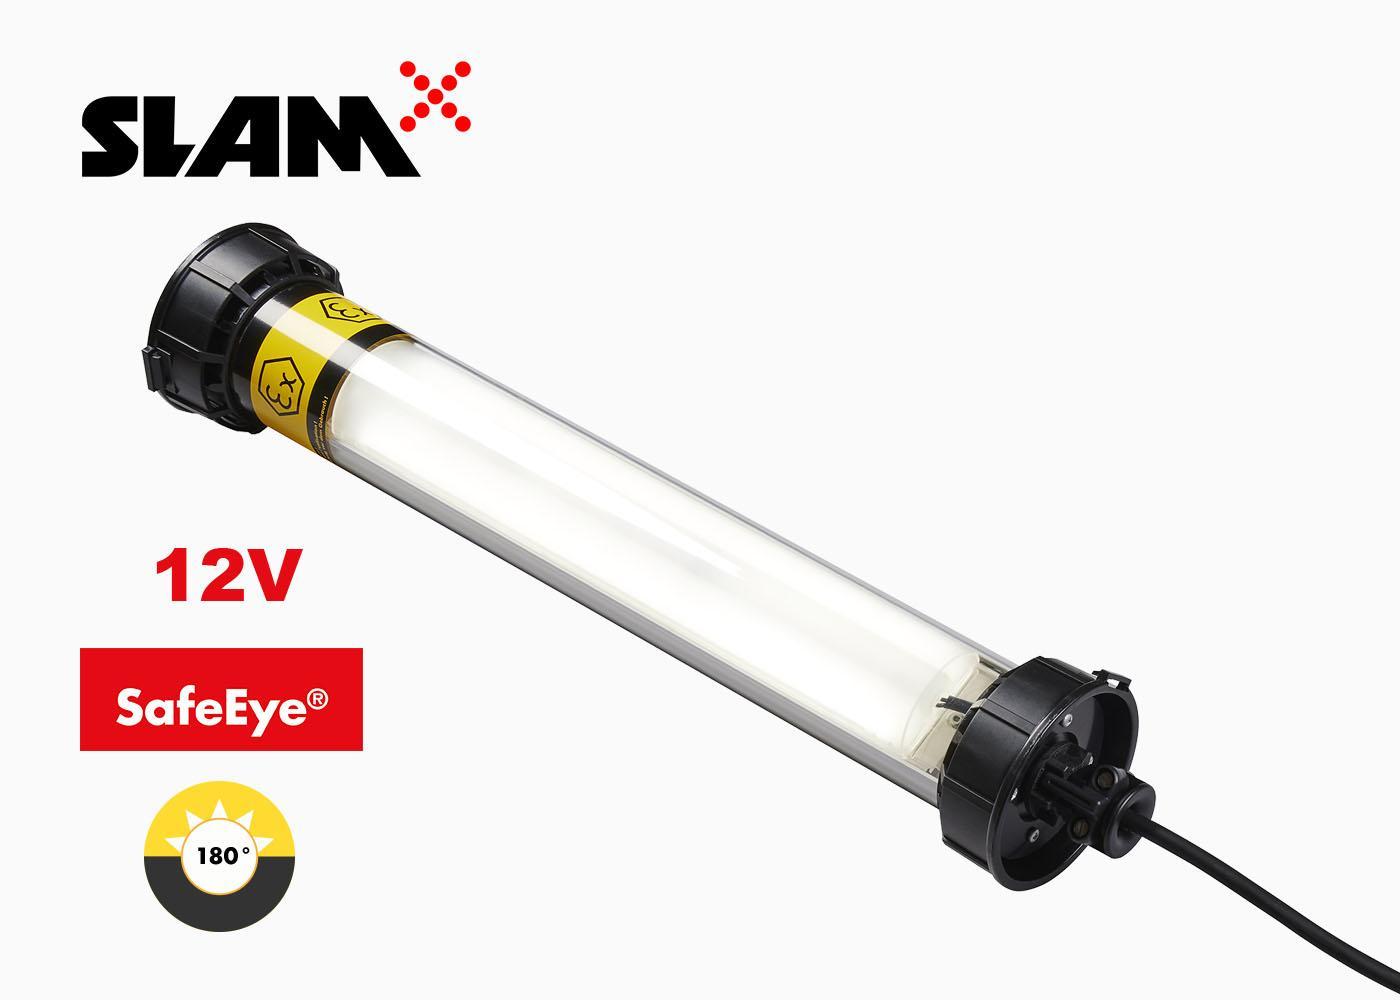 SLAM Hornet 1LED light for 12V electricity